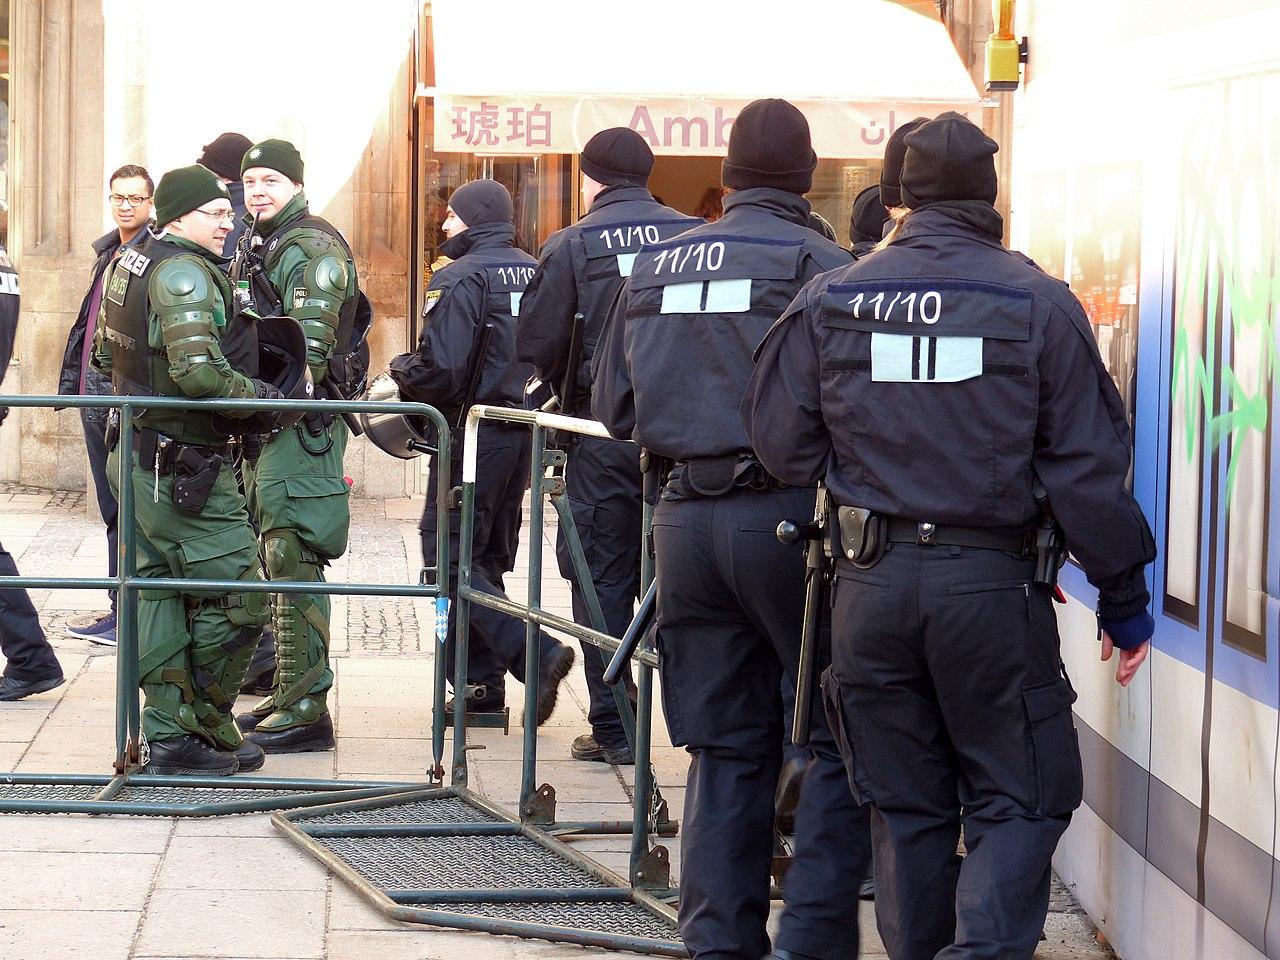 Polizei Einsatz Siko 2014 (12269751596).jpg